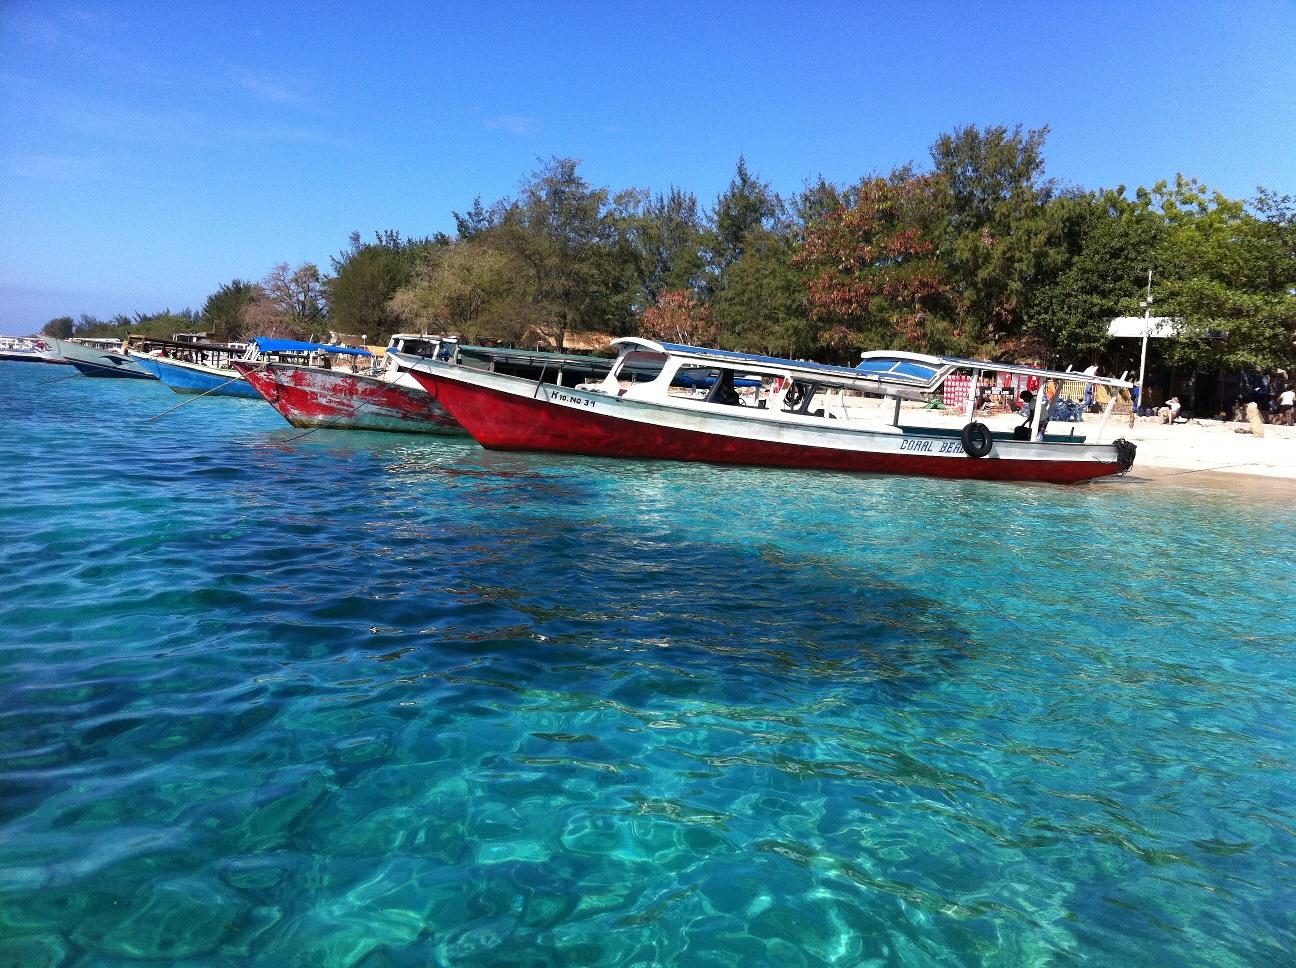 Indonesia Flight: Menikmati Liburan Akhir Pekan di Pulau Lombok